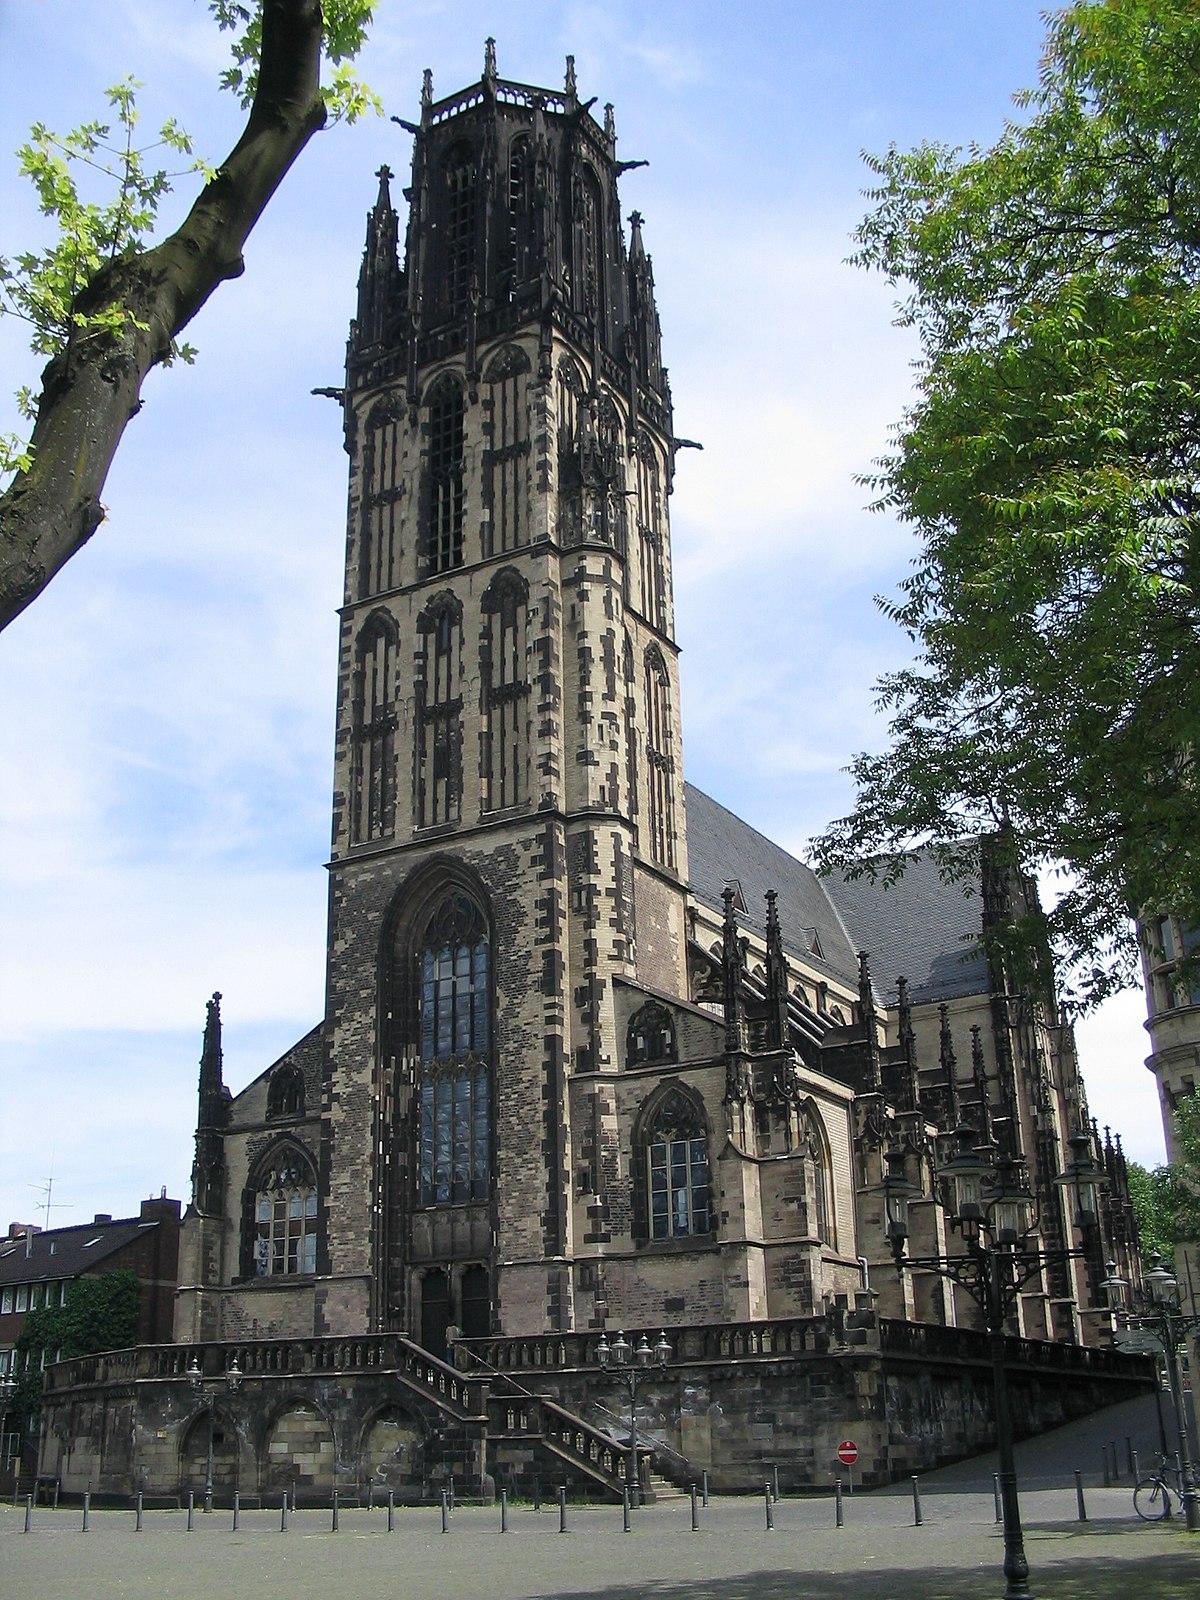 Duisburg  Reisefhrer auf Wikivoyage